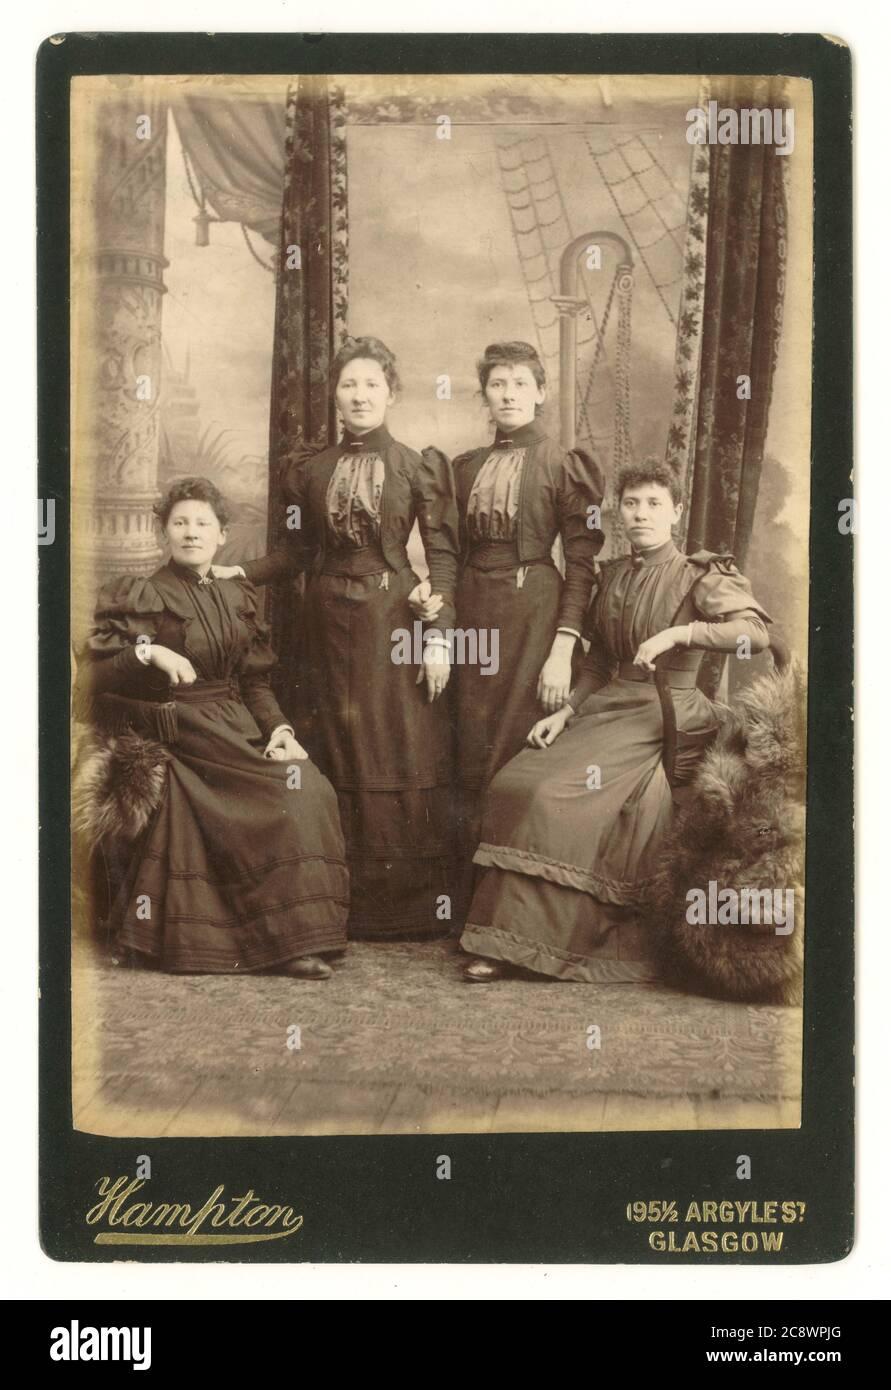 Carte victorienne de quatre femmes éventuellement liées, avec toile de fond élaborée, vers 1894, Hampton studio, Argyle St. Glasgow, Écosse, Royaume-Uni Banque D'Images